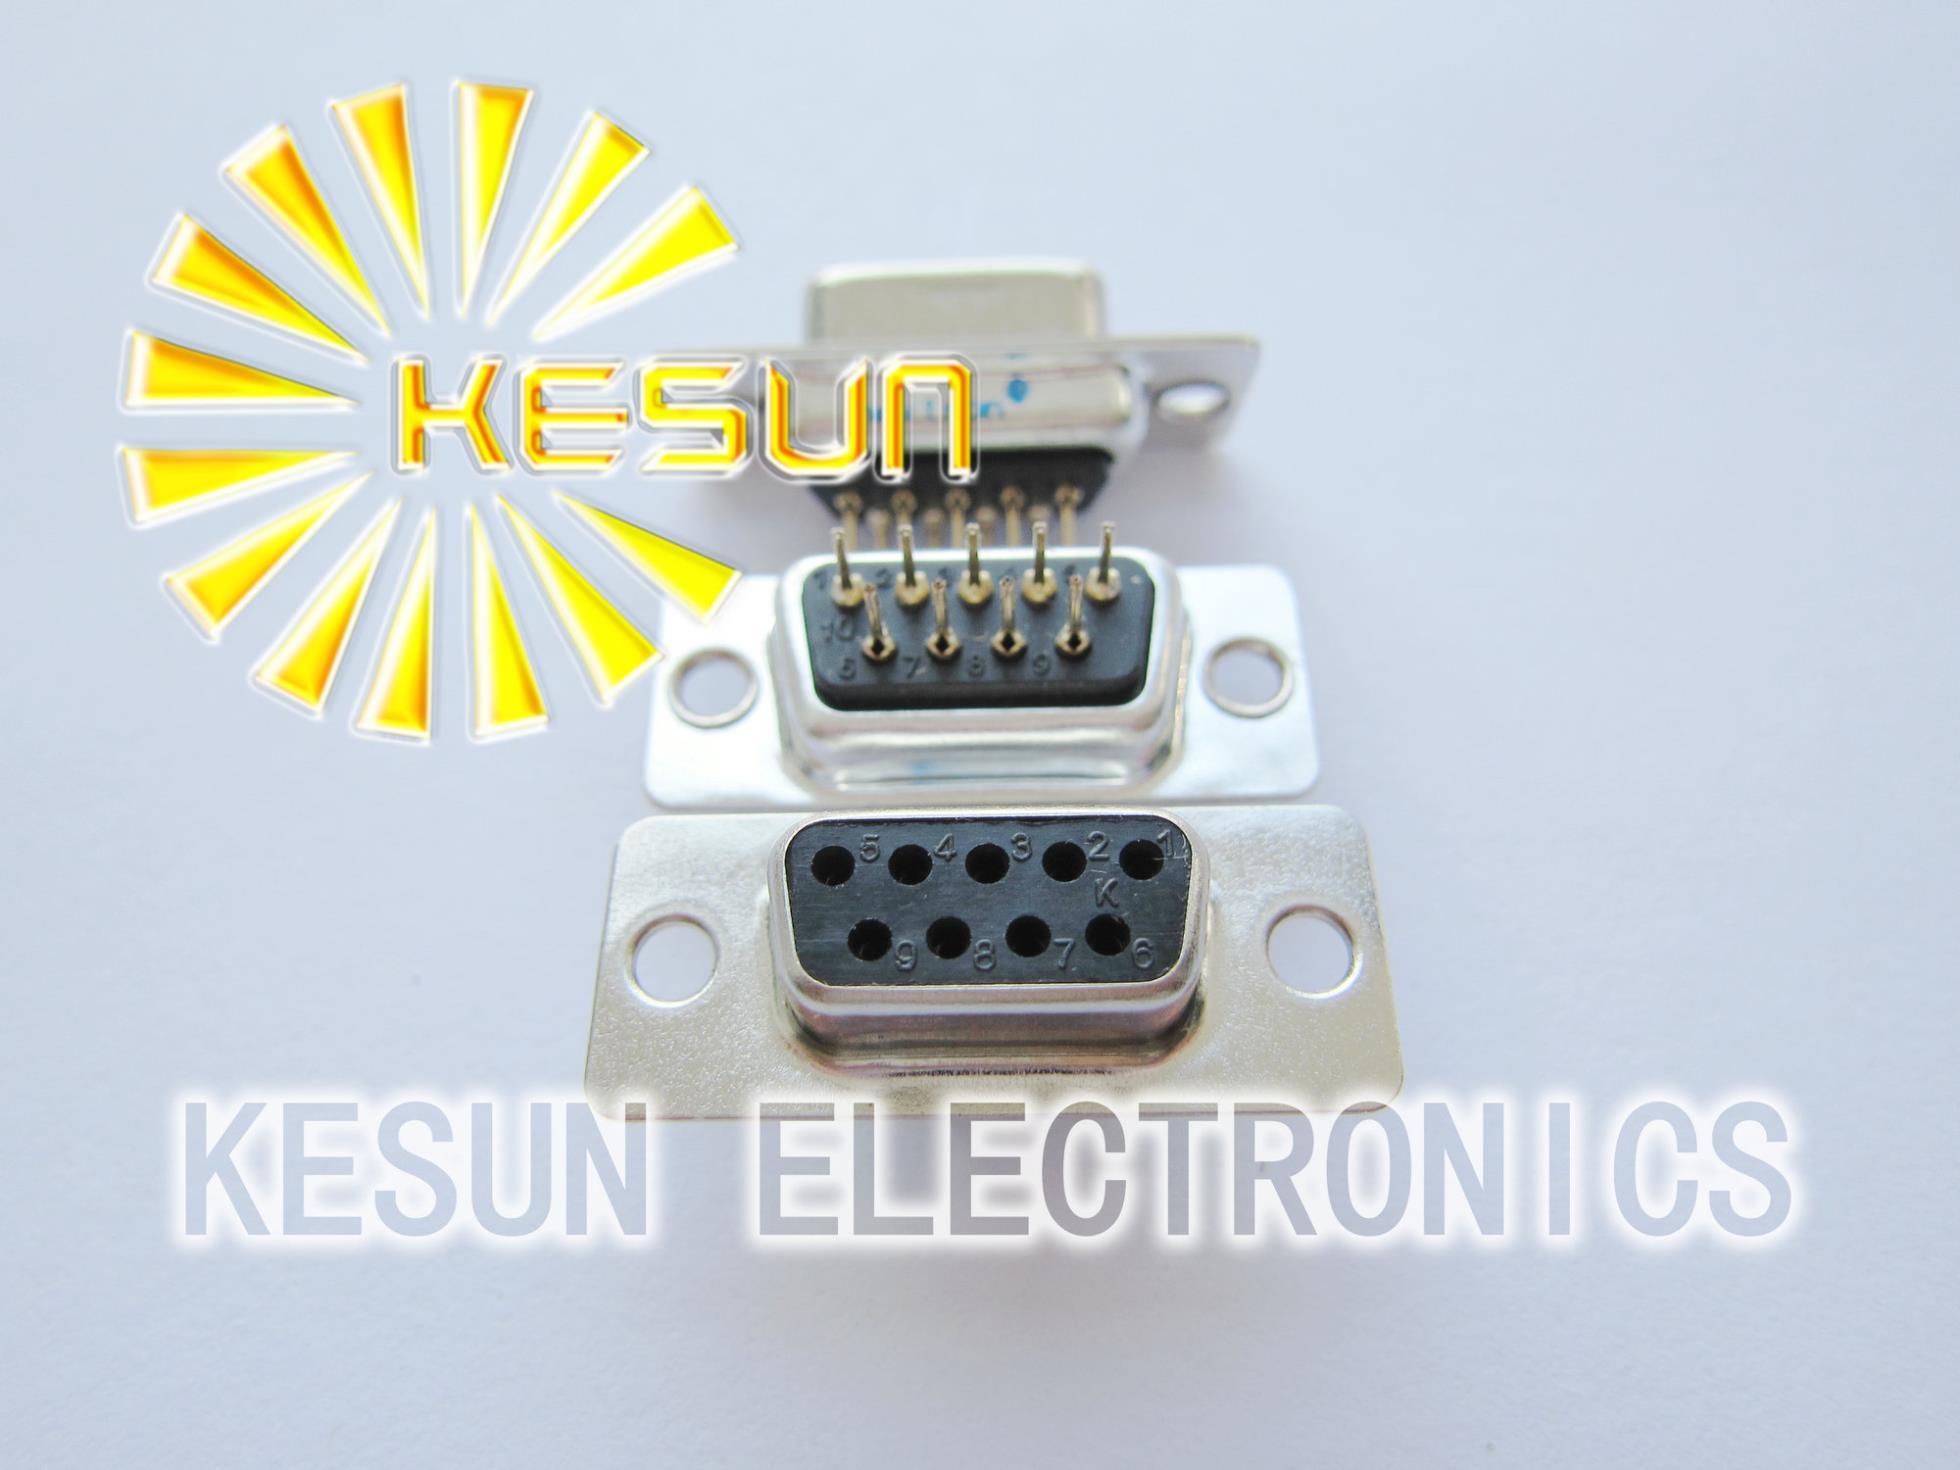 100 قطعة/الوحدة Nextron DP9 أنثى الأسود 2.77 مللي متر المسلسل PCB D-Sub موصل ، معيار Dip 1U الذهب عالية الجودة